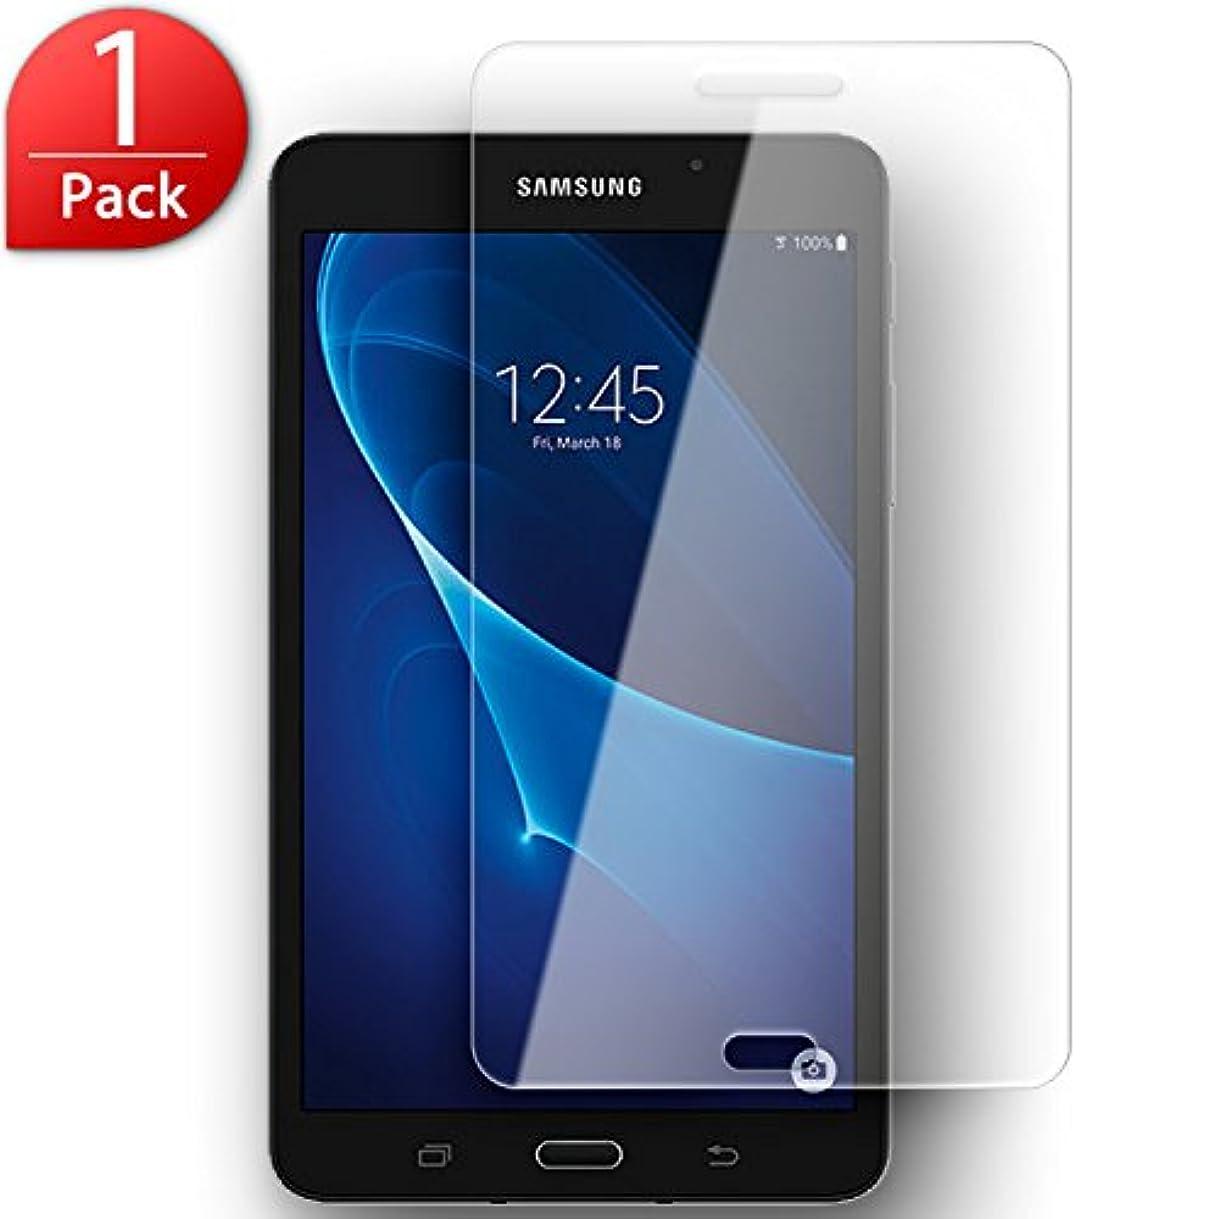 組カカドゥ酸SLEO Samsung Galaxy Tab A 7.0 SM-T280 フィルム Samsung Galaxy Tab A 7.0 SM-T280液晶保護フィルム 高透過率 防爆裂 指紋防止対応 スクラッチ防止 気泡ゼロ Samsung Galaxy Tab A 7.0 SM-T280強化ガラスフィルム(クリア)